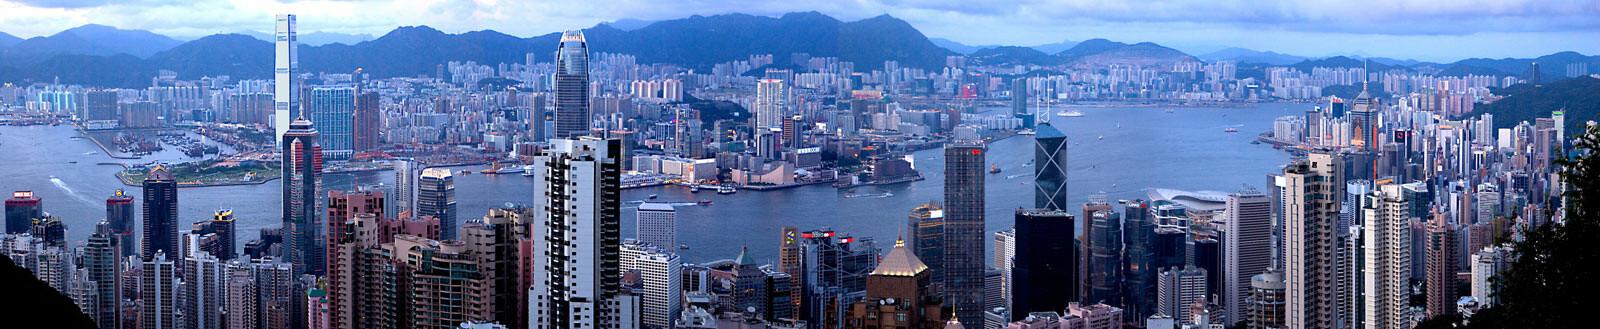 Hong Kong, Kowloon - Larry Yust